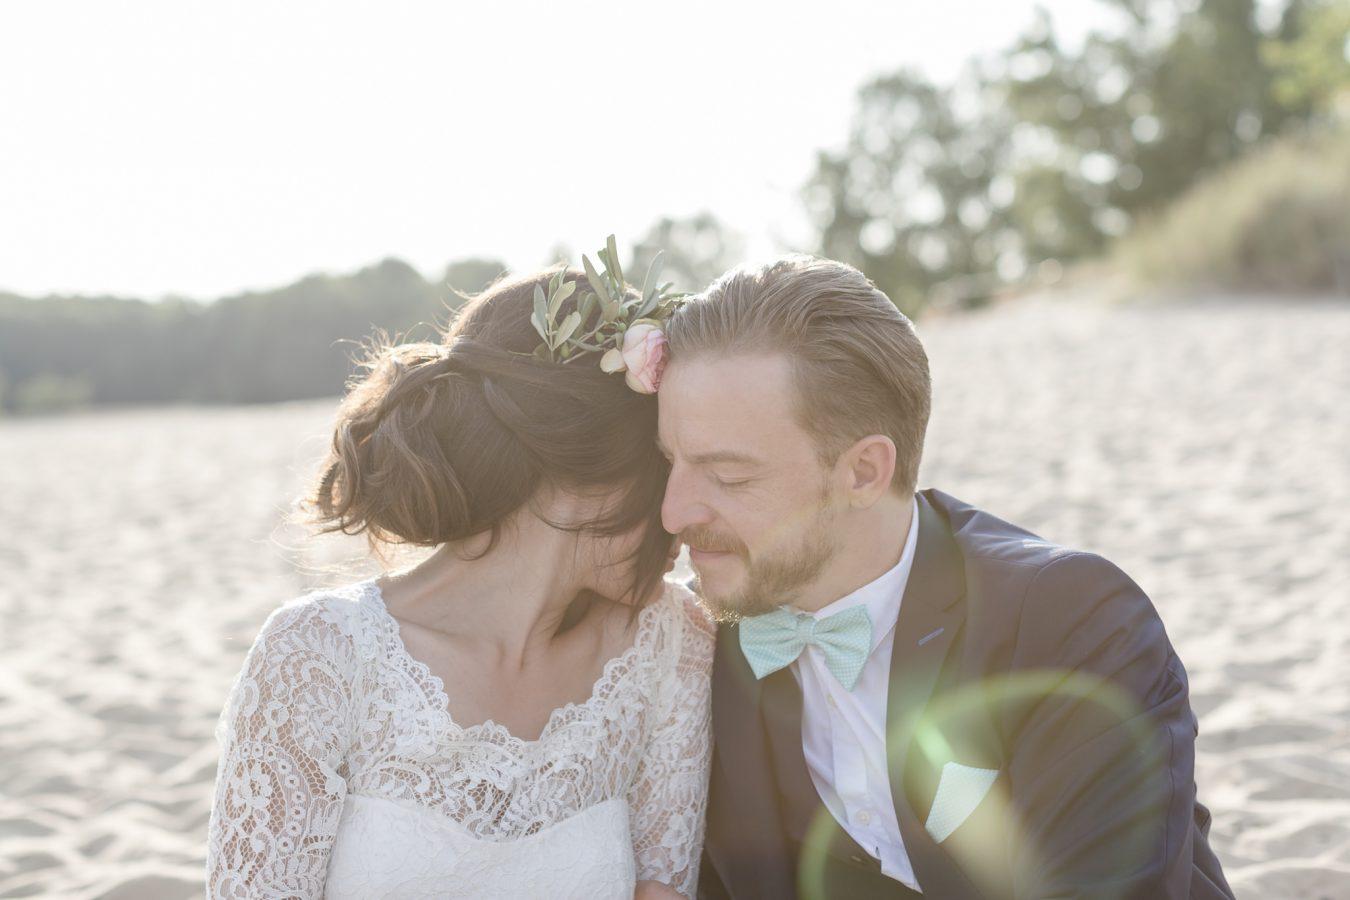 Hochzeitsfotograf Hamburg - Brautpaar kuschelt sich im Gegenlicht aneinander